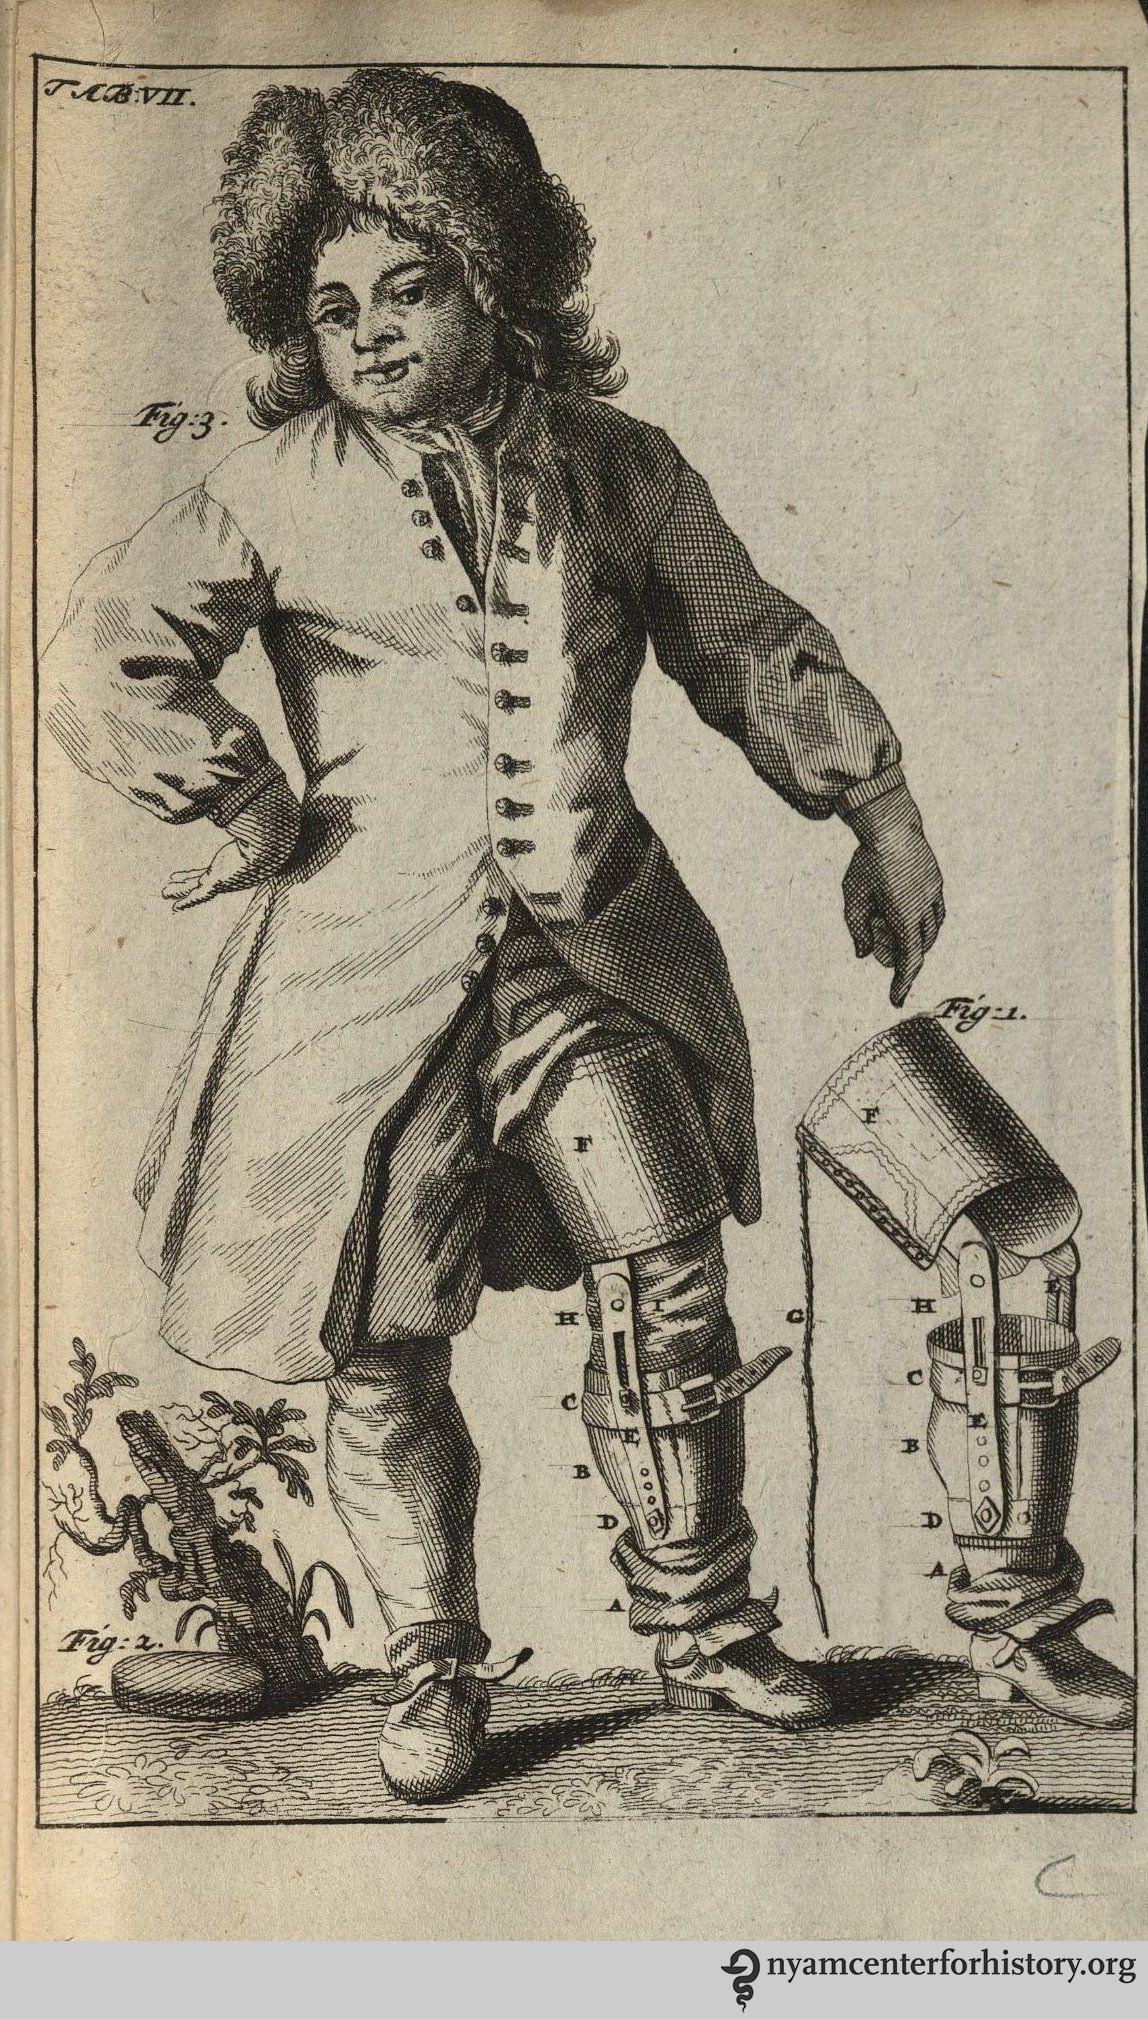 In Dissertatio epistolaris de nova artuum decurtandorum ratione, 1696